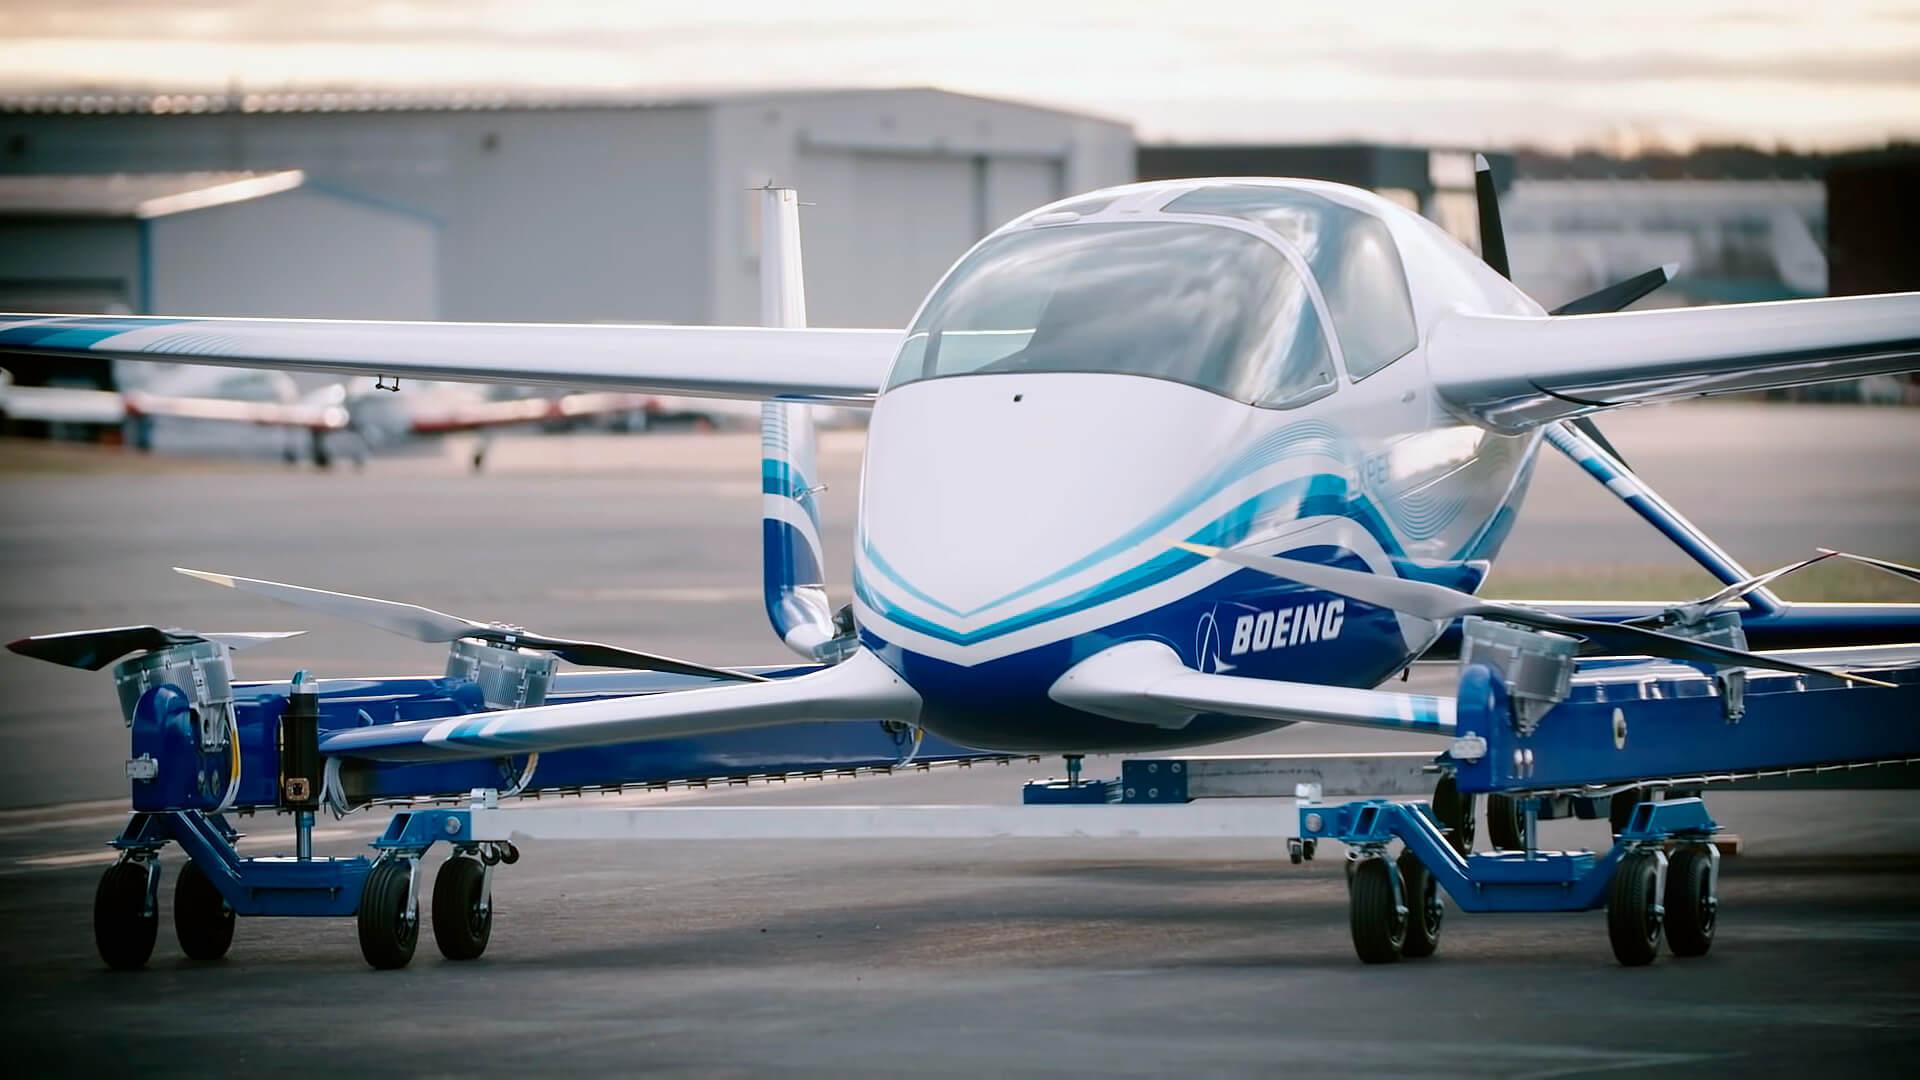 Прототип пассажирского воздушного судна Boeing NeXt совершил первый полет